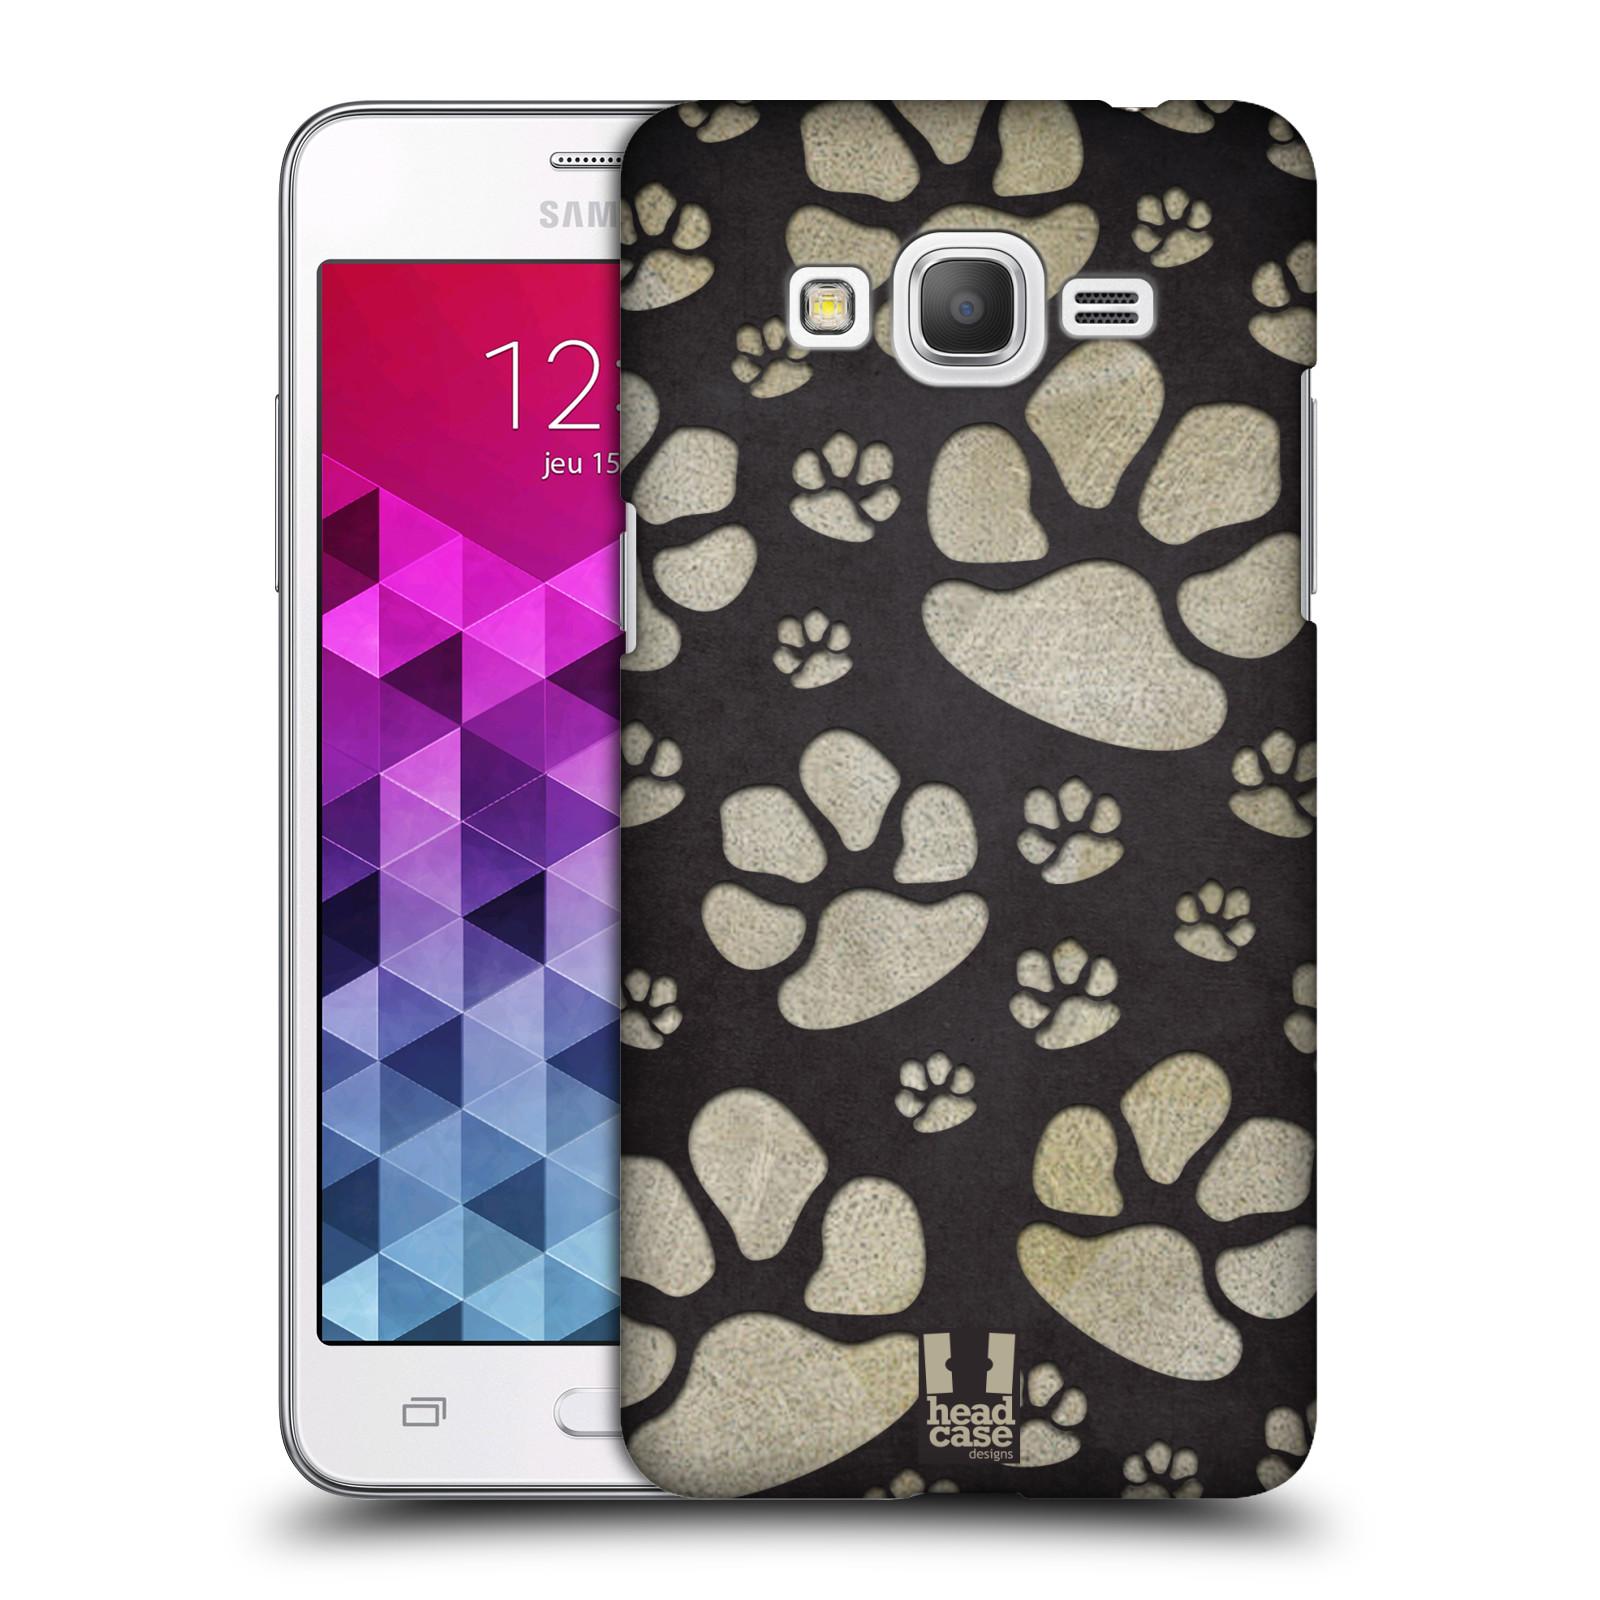 Plastové pouzdro na mobil Samsung Galaxy Grand Prime HEAD CASE TLAPKY ŠEDÉ (Kryt či obal na mobilní telefon Samsung Galaxy Grand Prime SM-G530)